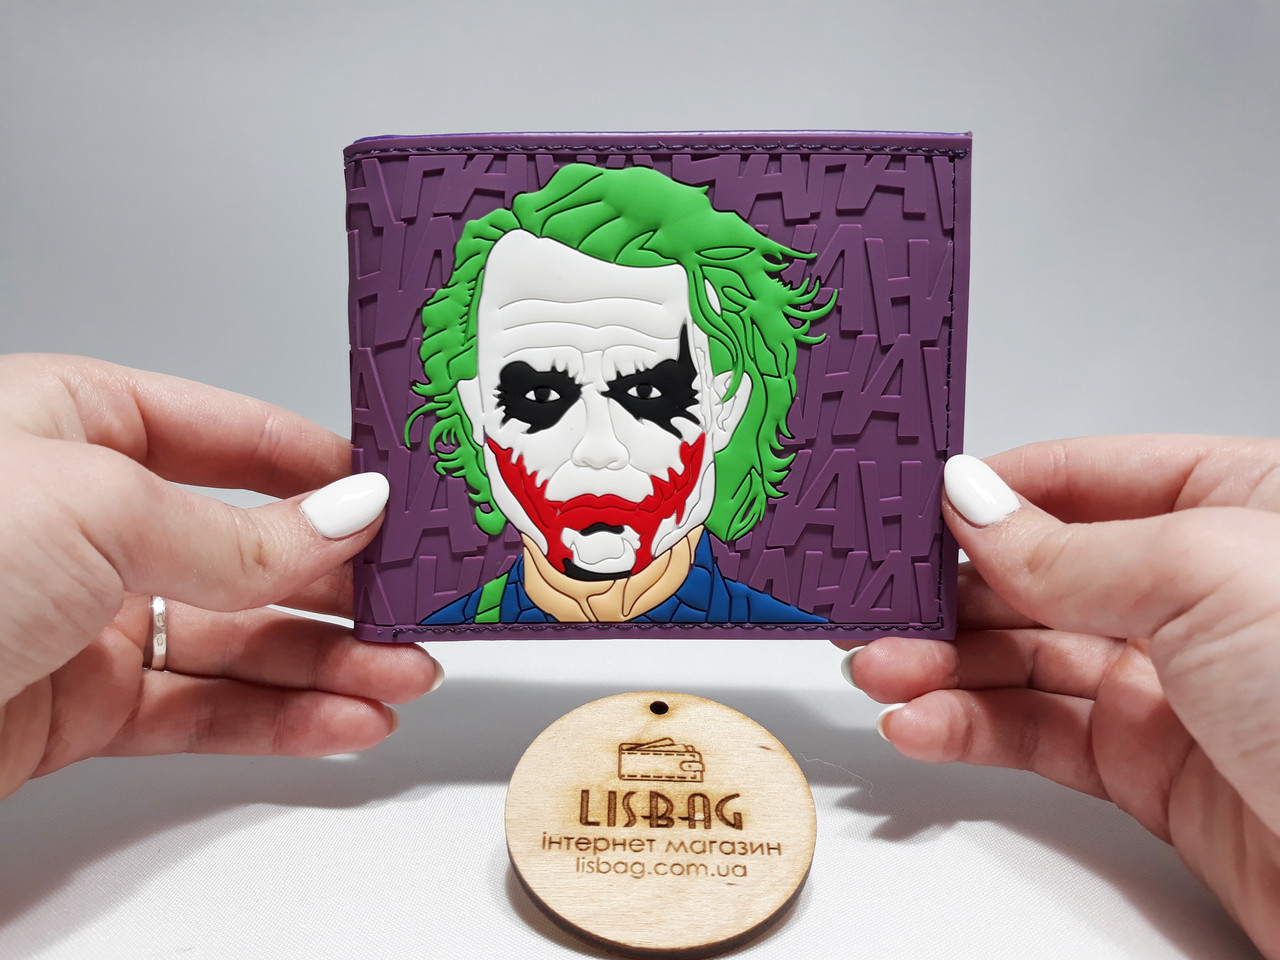 bcbfea1f4b3a Прикольный кошелек marvel унисекс джокер joker марвел джокер выполнен из  резины